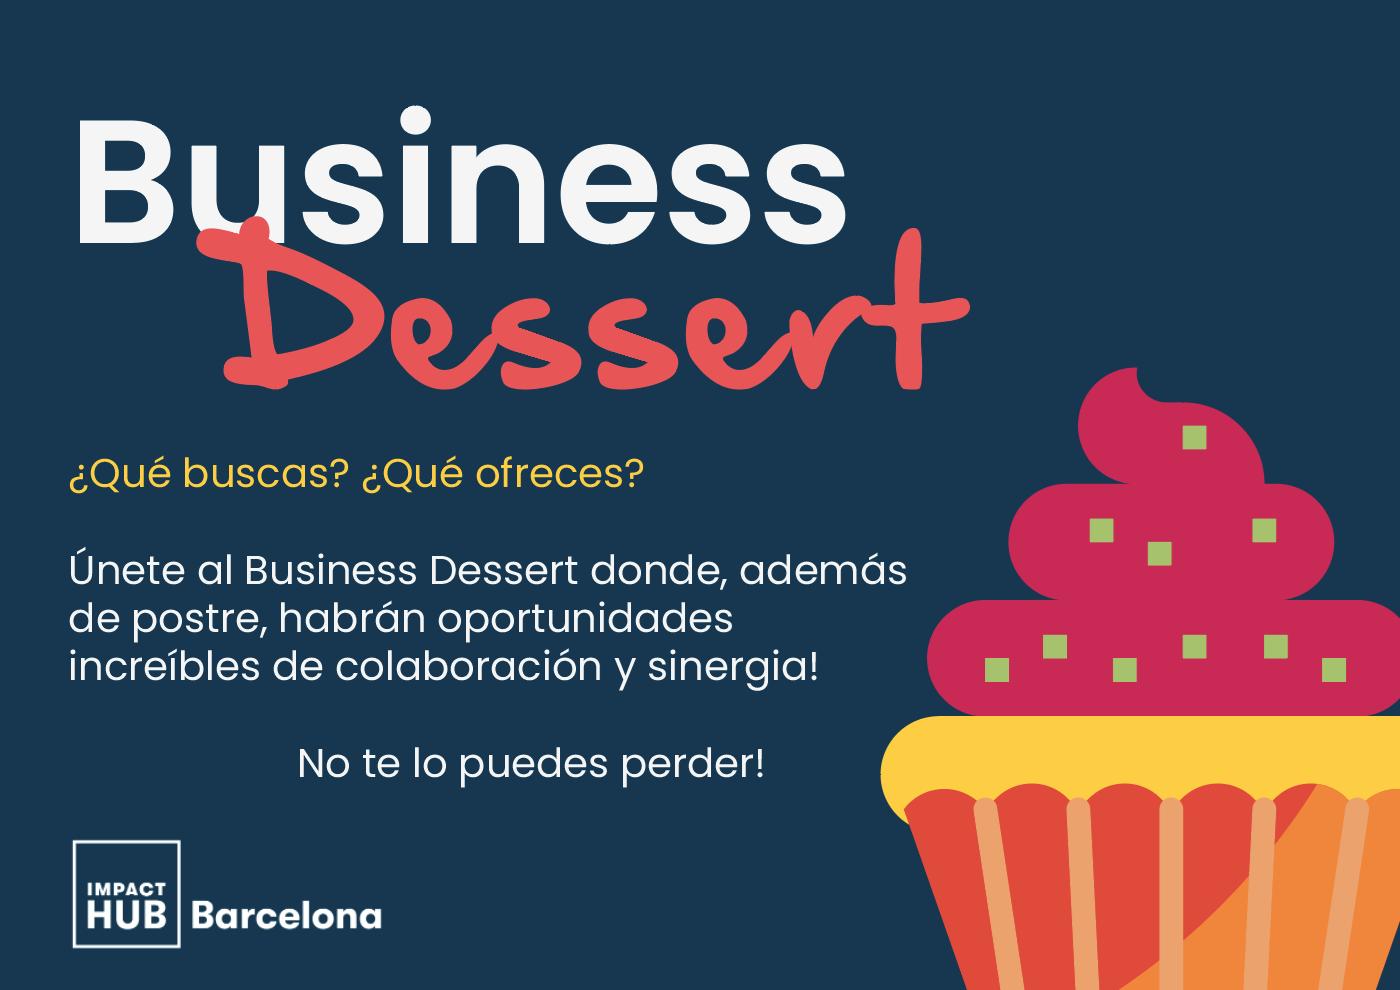 Business Dessert